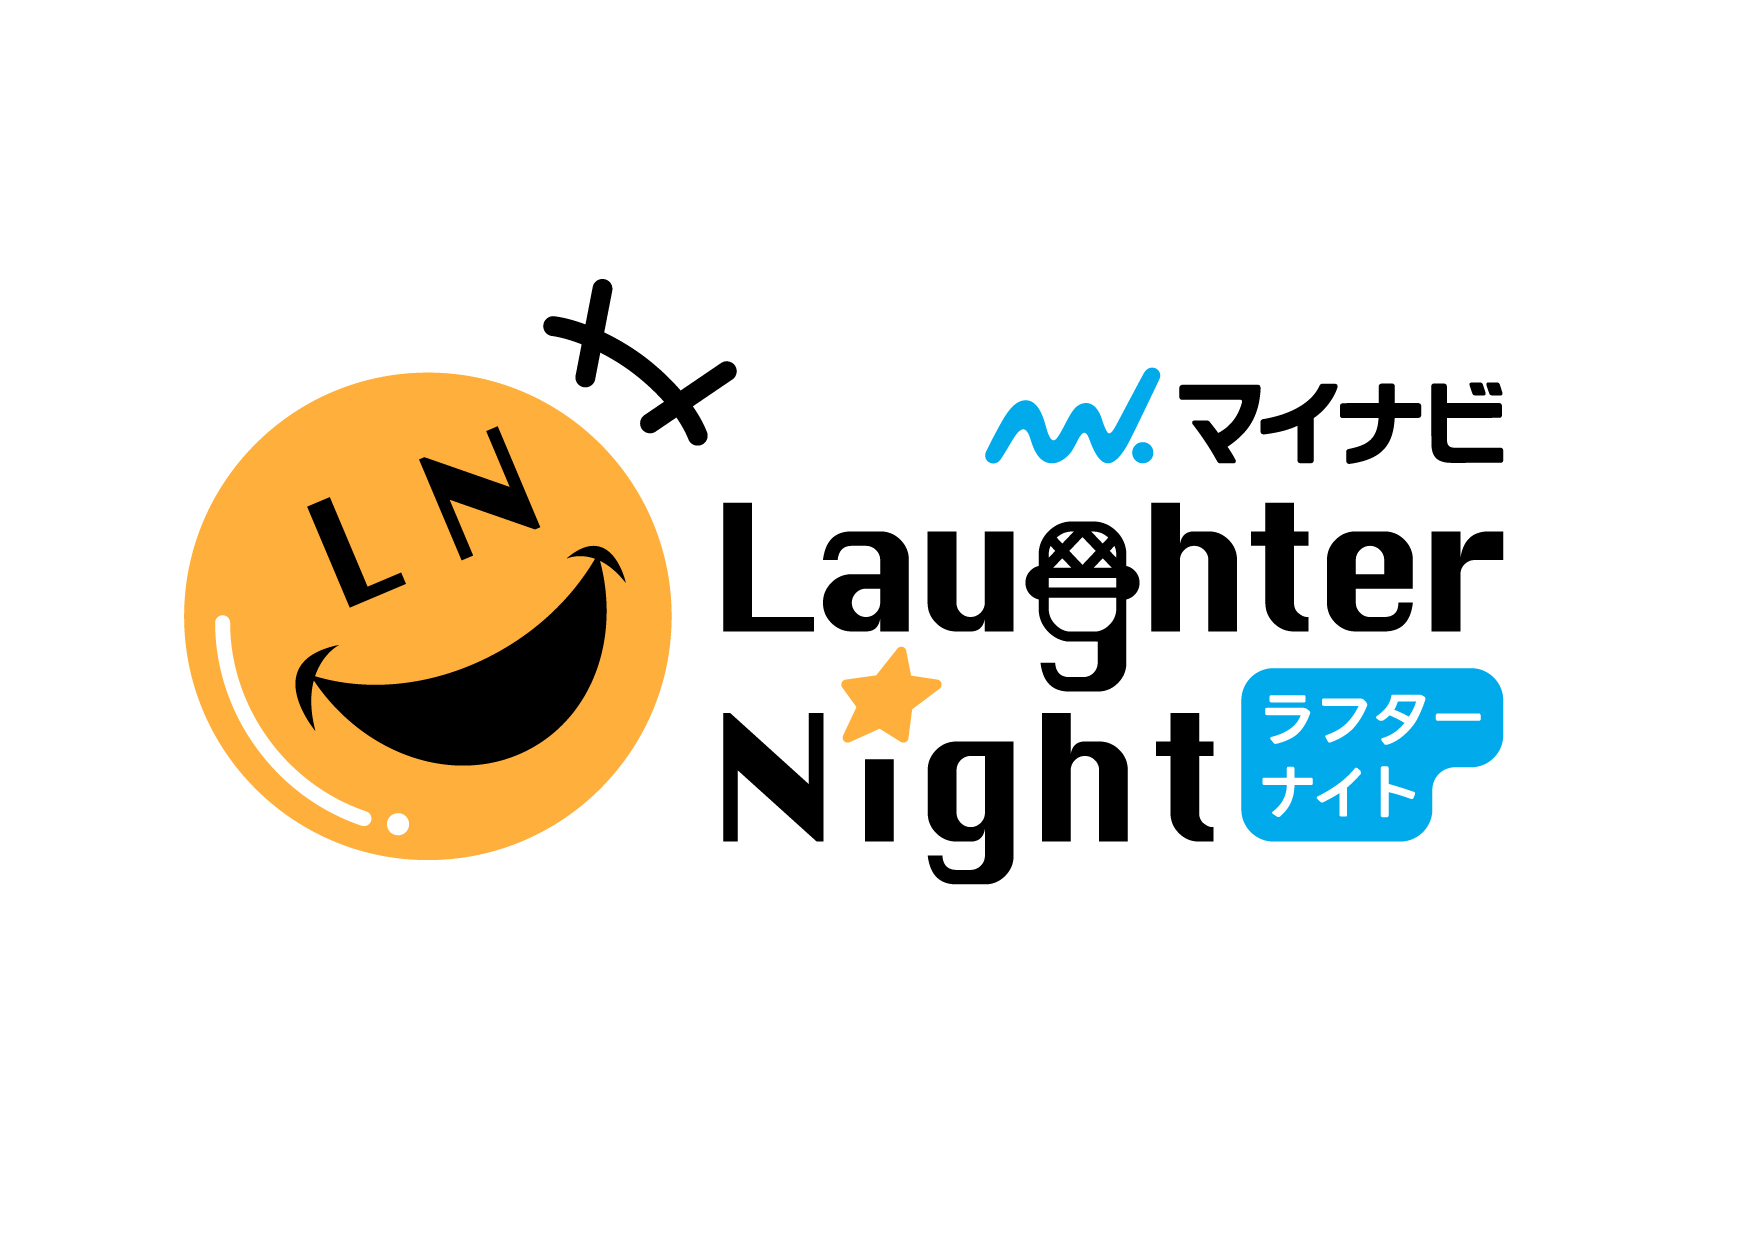 マイナビ Laughter Night オンエア争奪ライブ(公開録音)<5月>